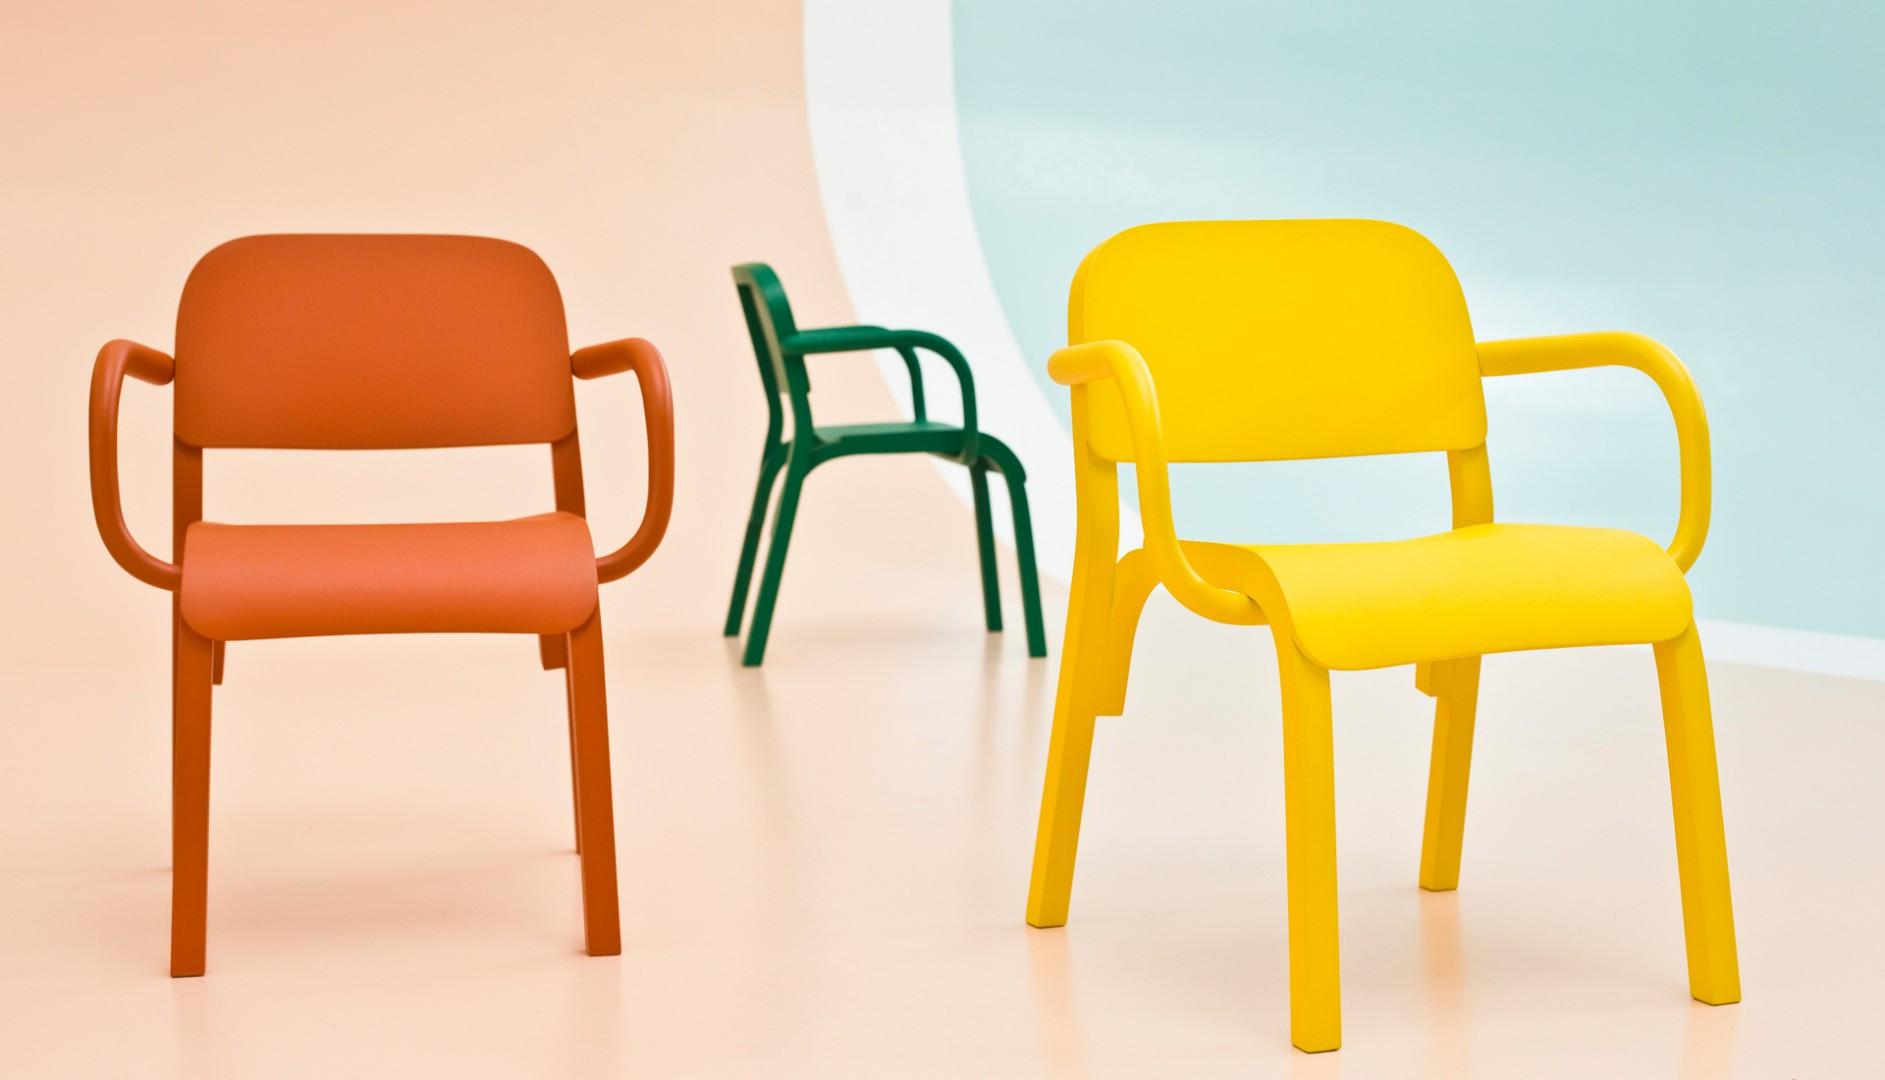 """Krzesła z serii """"Dumbo"""" zaprojektowane dla włoskiej firmy Moroso (2013). Fot. Alessandro Paderni/Moroso"""